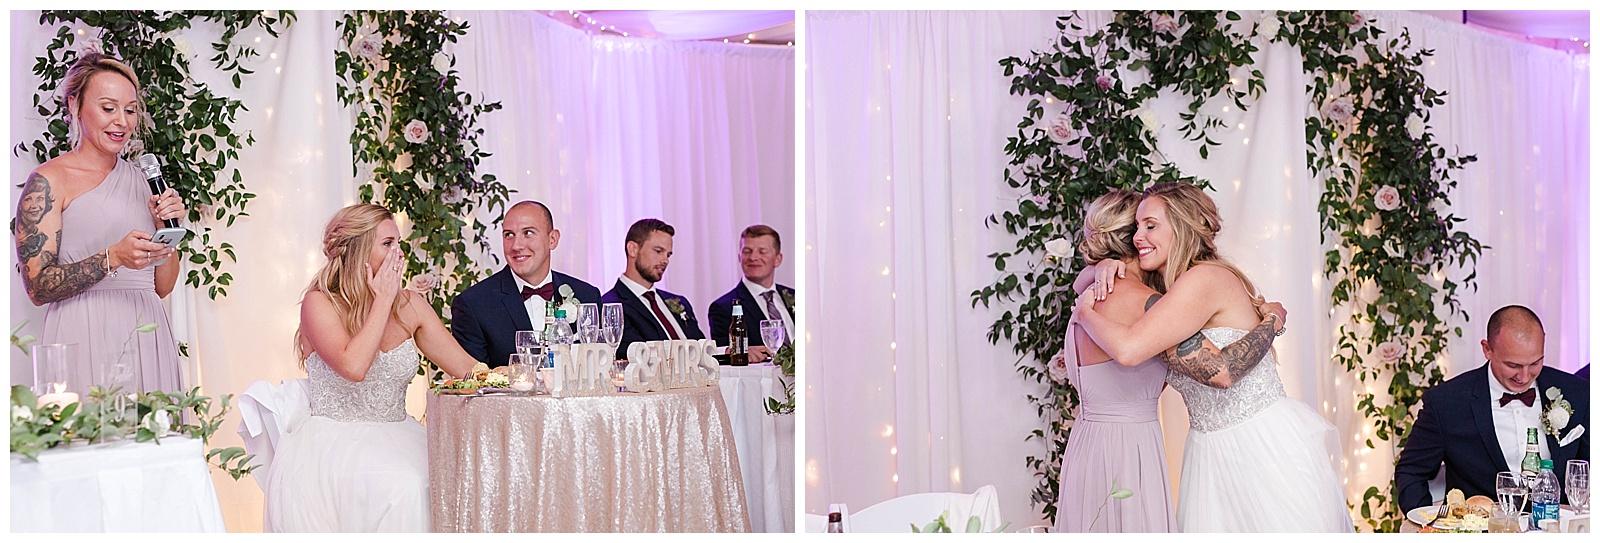 Saiko_Kara_Blakeman_Photography_Snowshoe_Wedding_Wv_2018_60